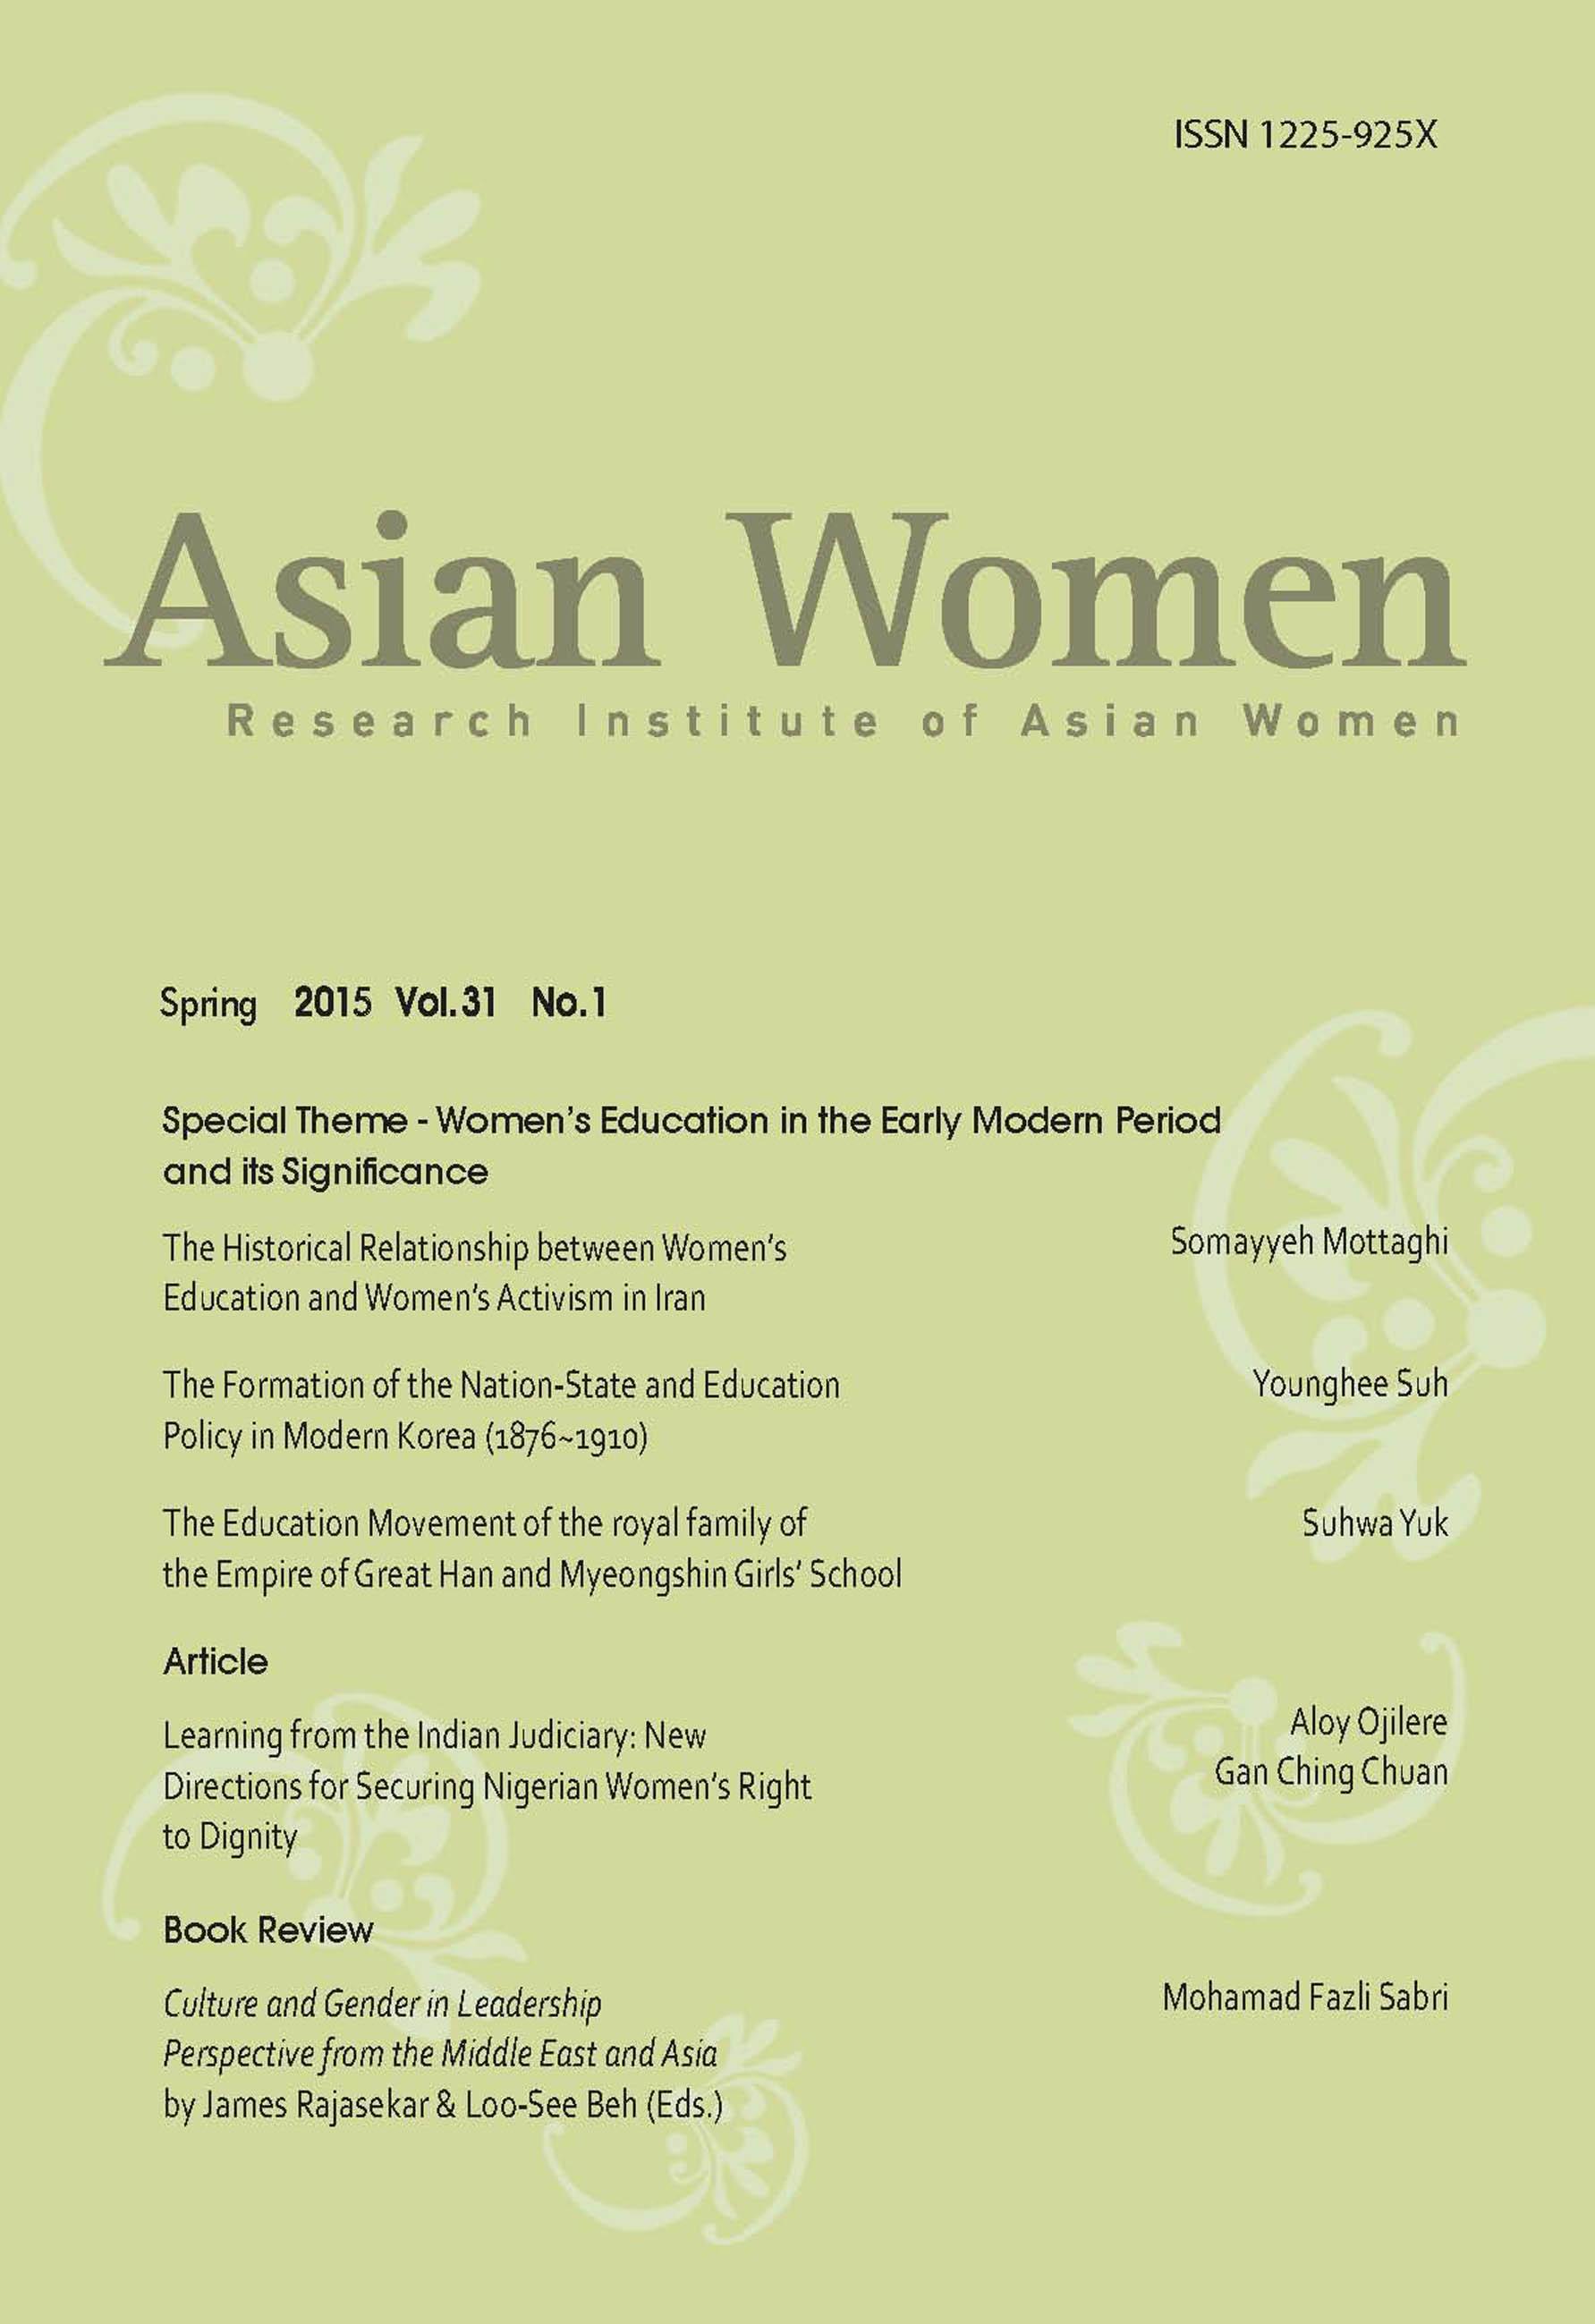 Asian Women Vol.31 No.1